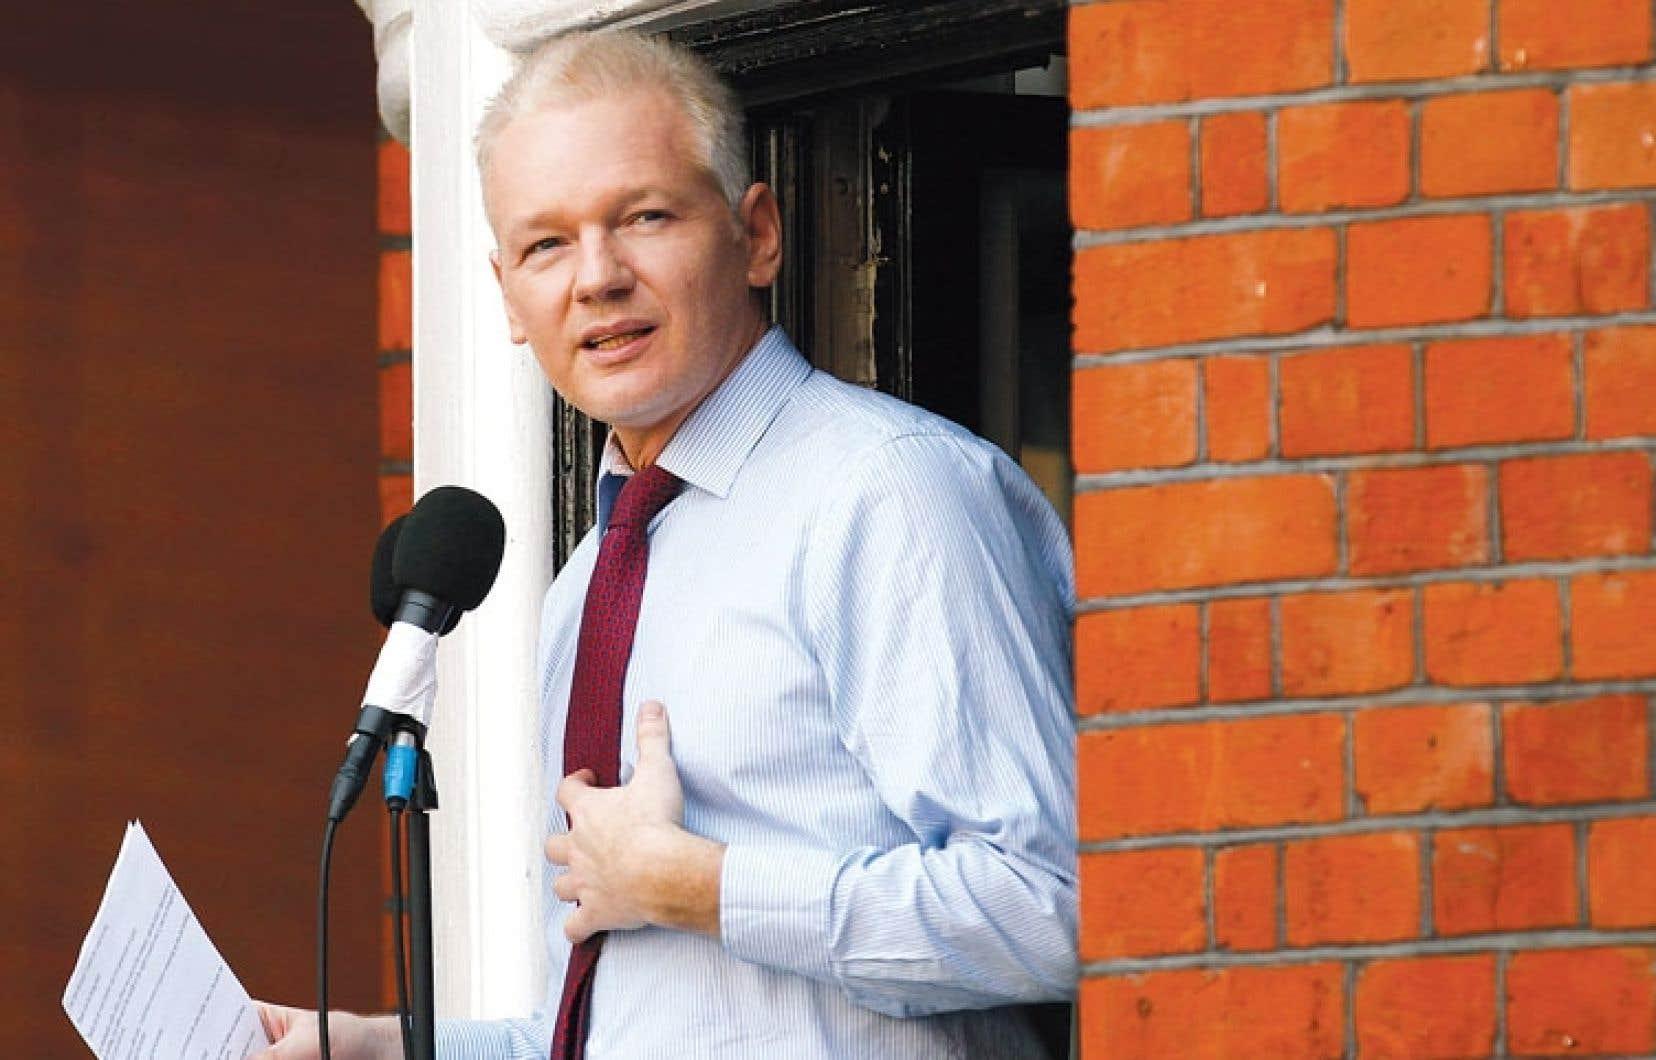 Le cyberactiviste australien Julian Assange demeure le porte-parole le plus connu de WikiLeaks.